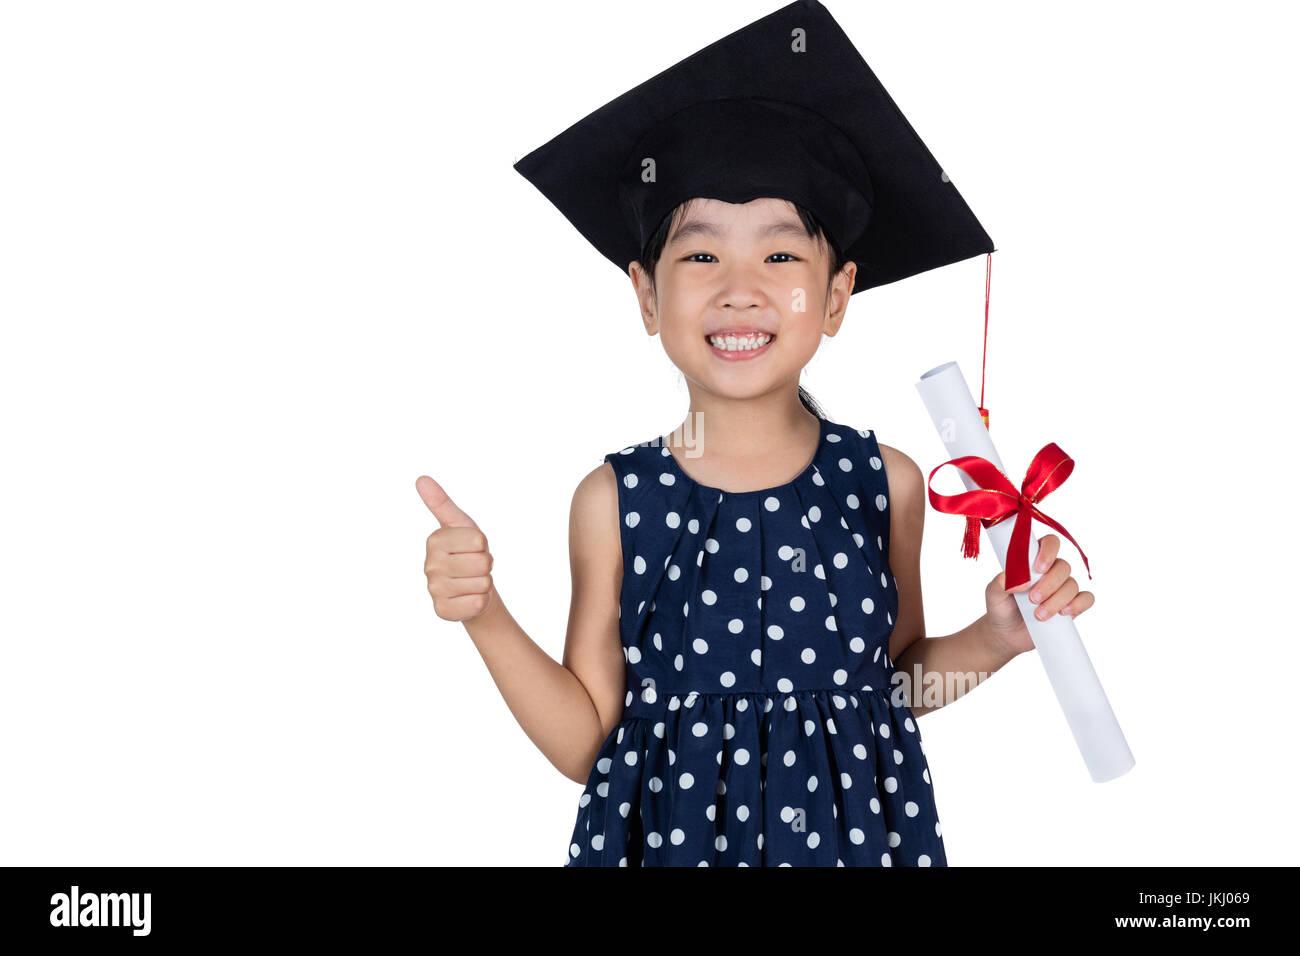 b57f70a60 Niña China Asia vestidos de graduación de la tapa y la celebración de  diploma en fondo